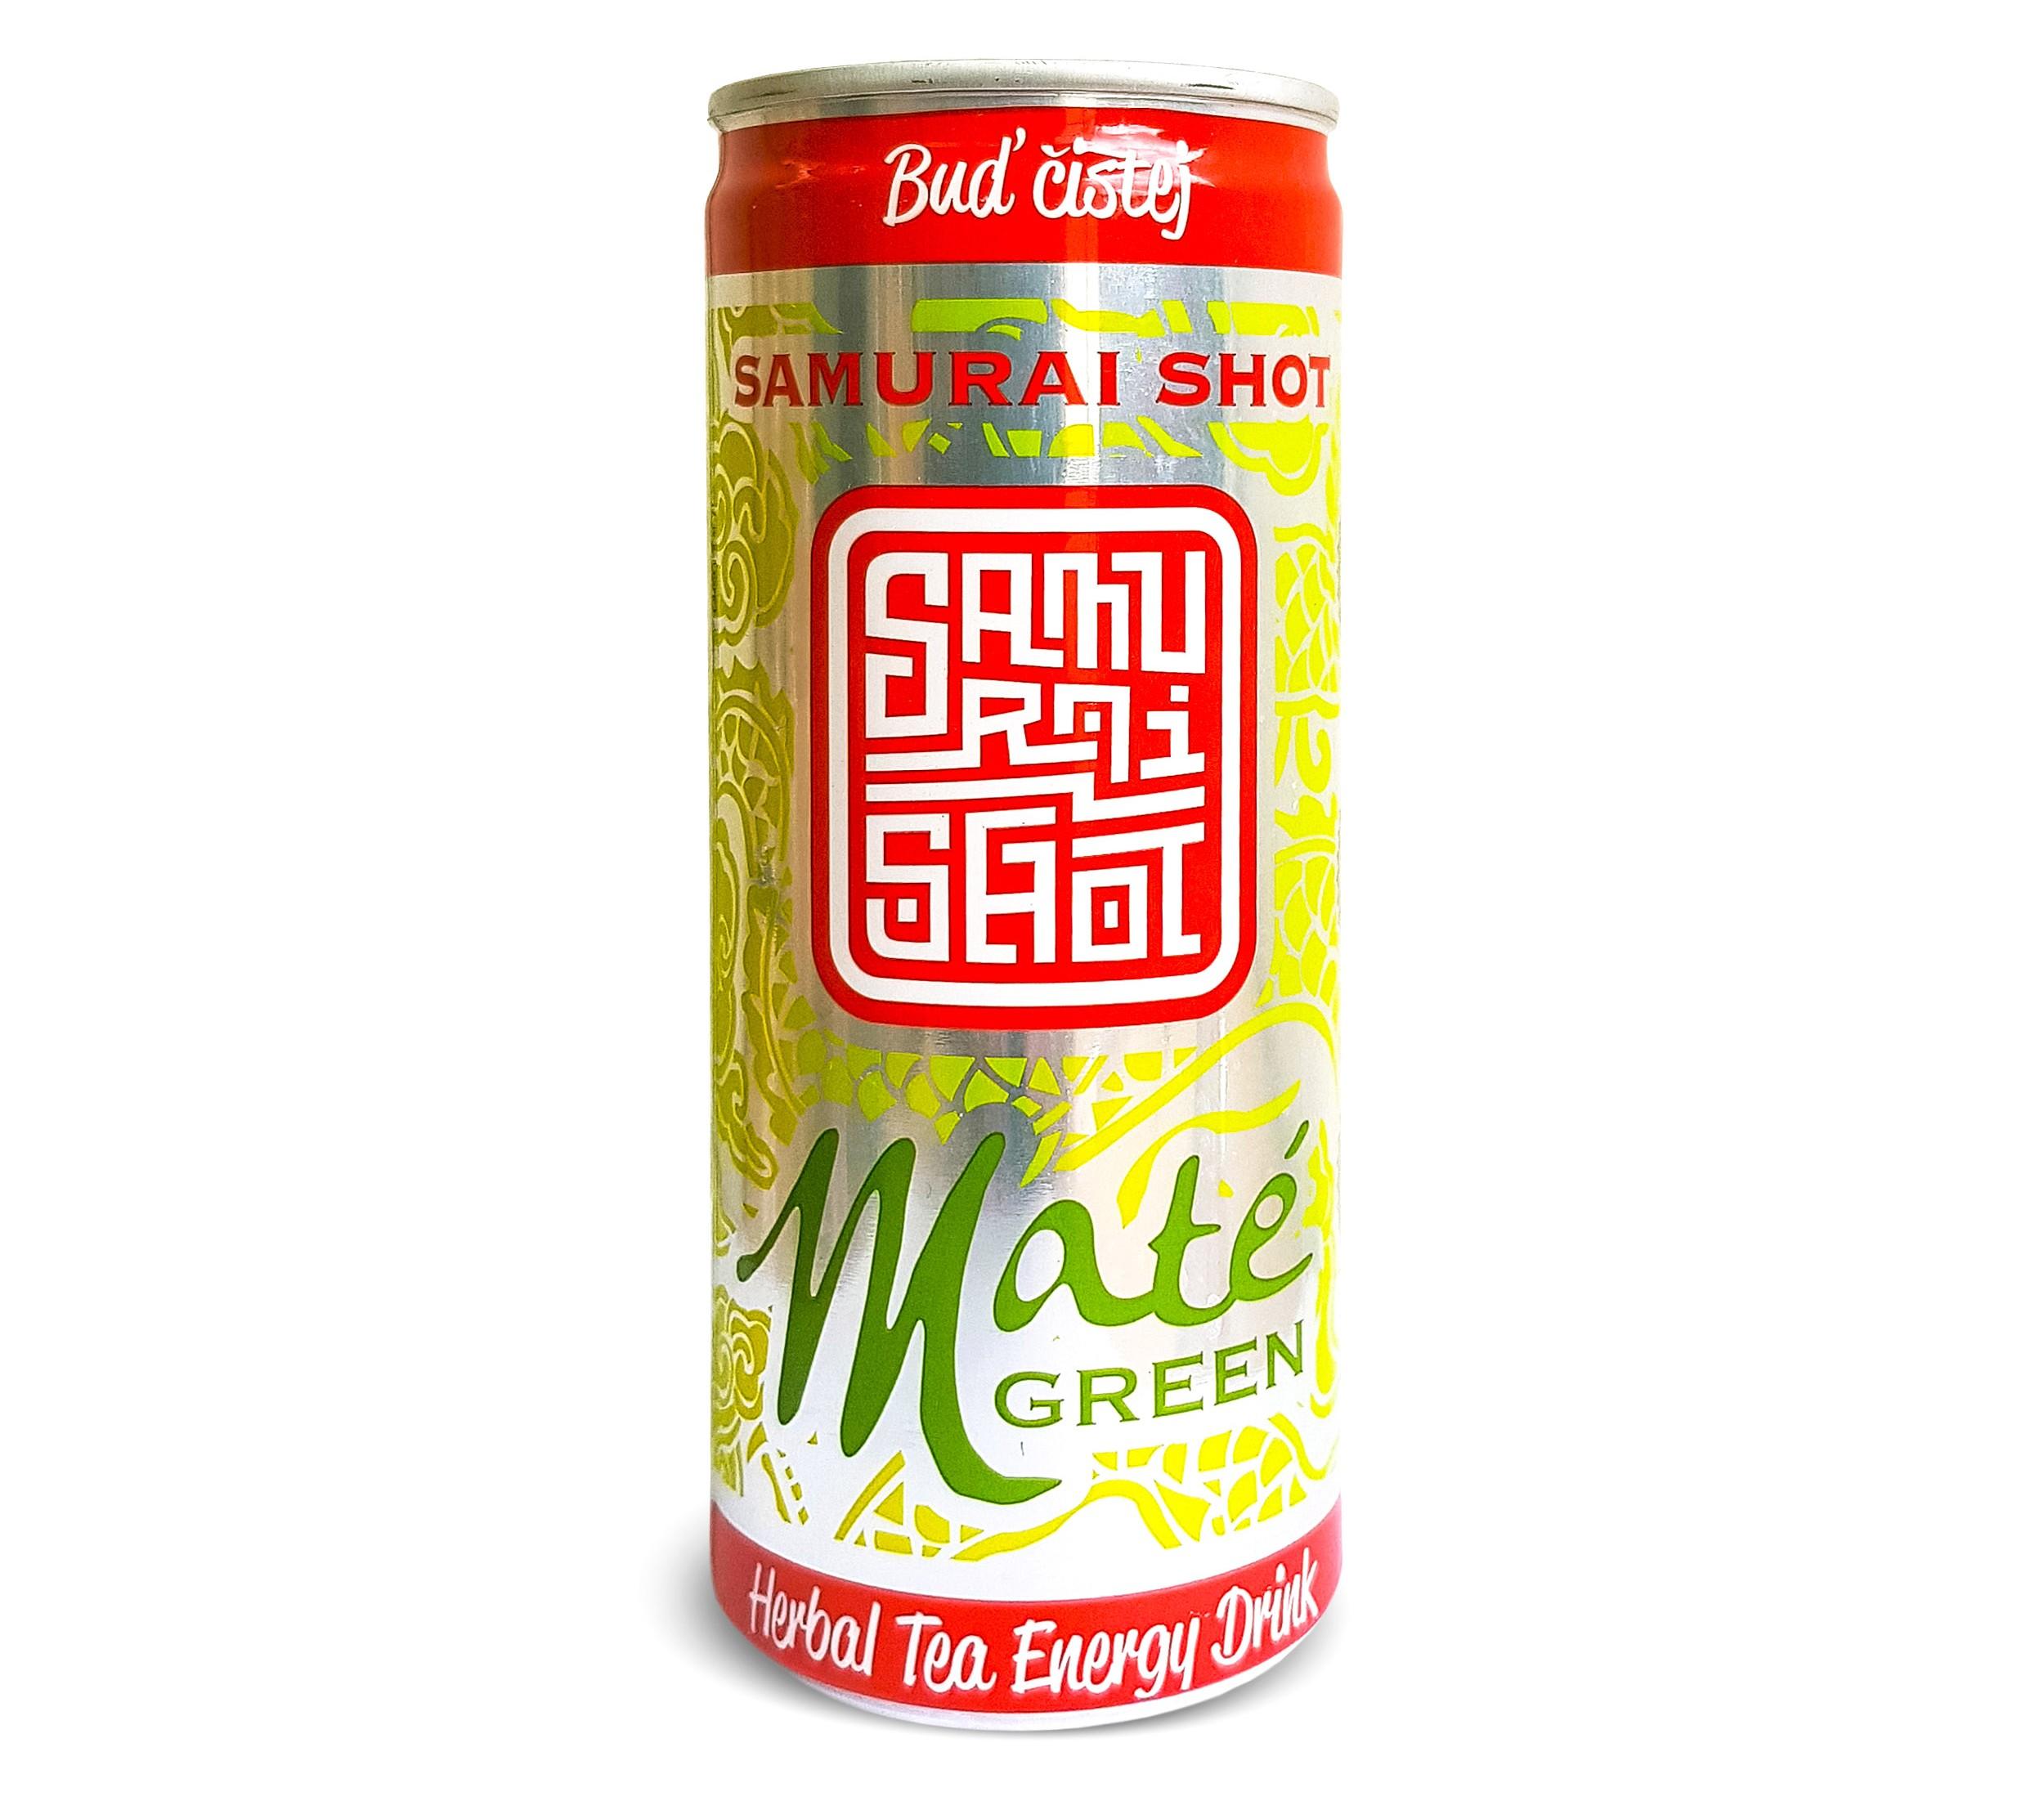 Nová plechovka Samurai Shot Maté Green